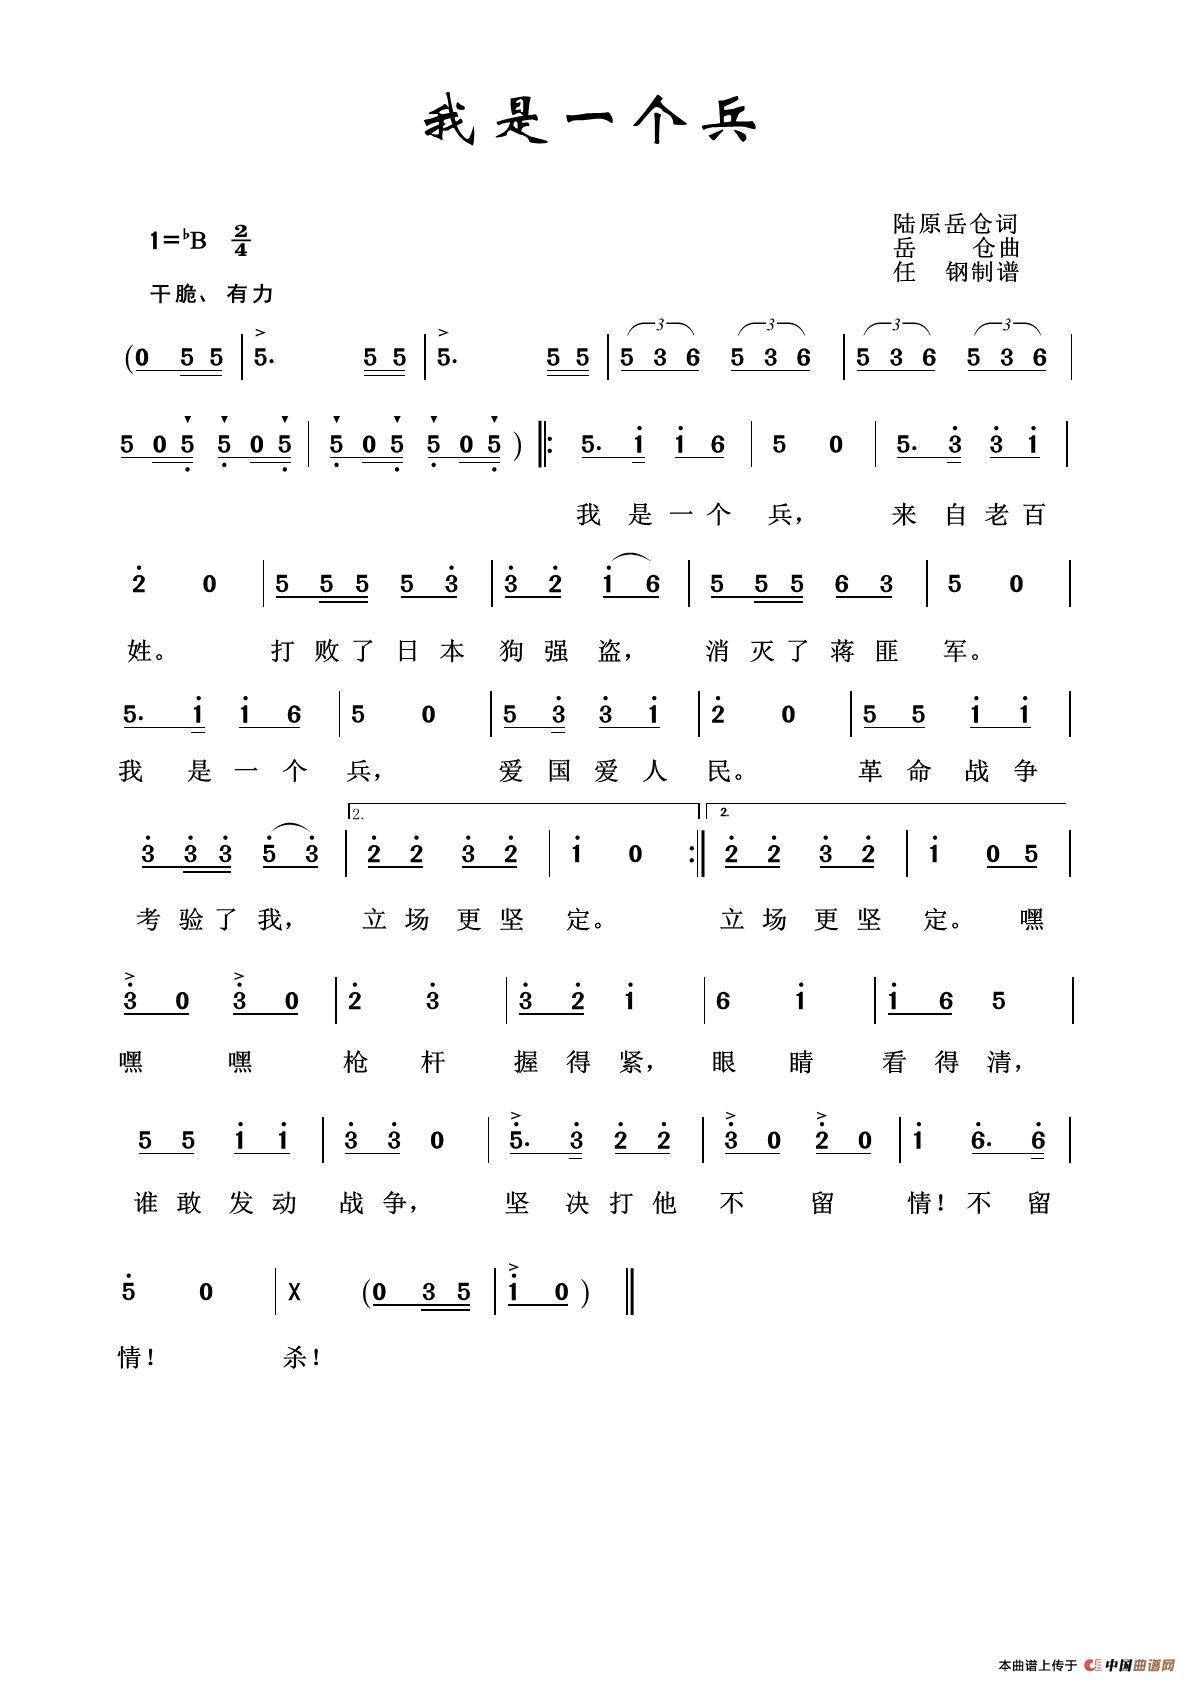 歌曲100首 我是一个兵简谱 常青老柏个人制谱园地 中国曲谱网